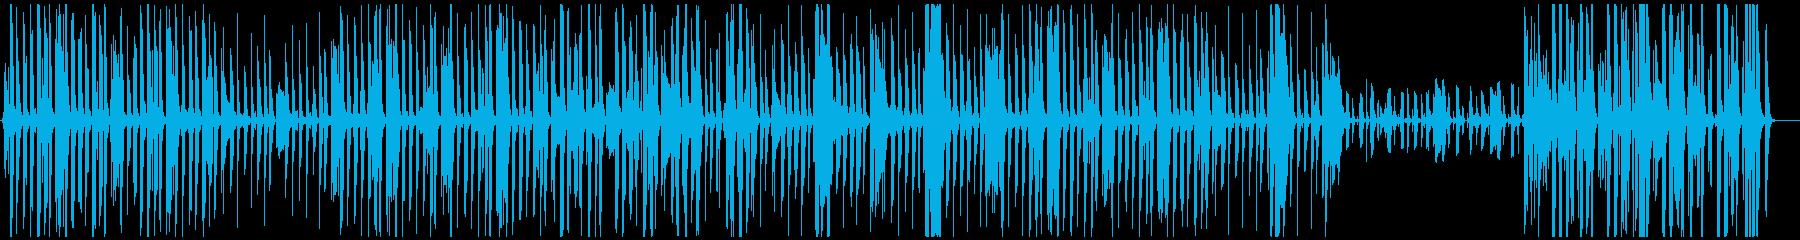 明るくかわいいほのぼの曲 口笛生録音の再生済みの波形